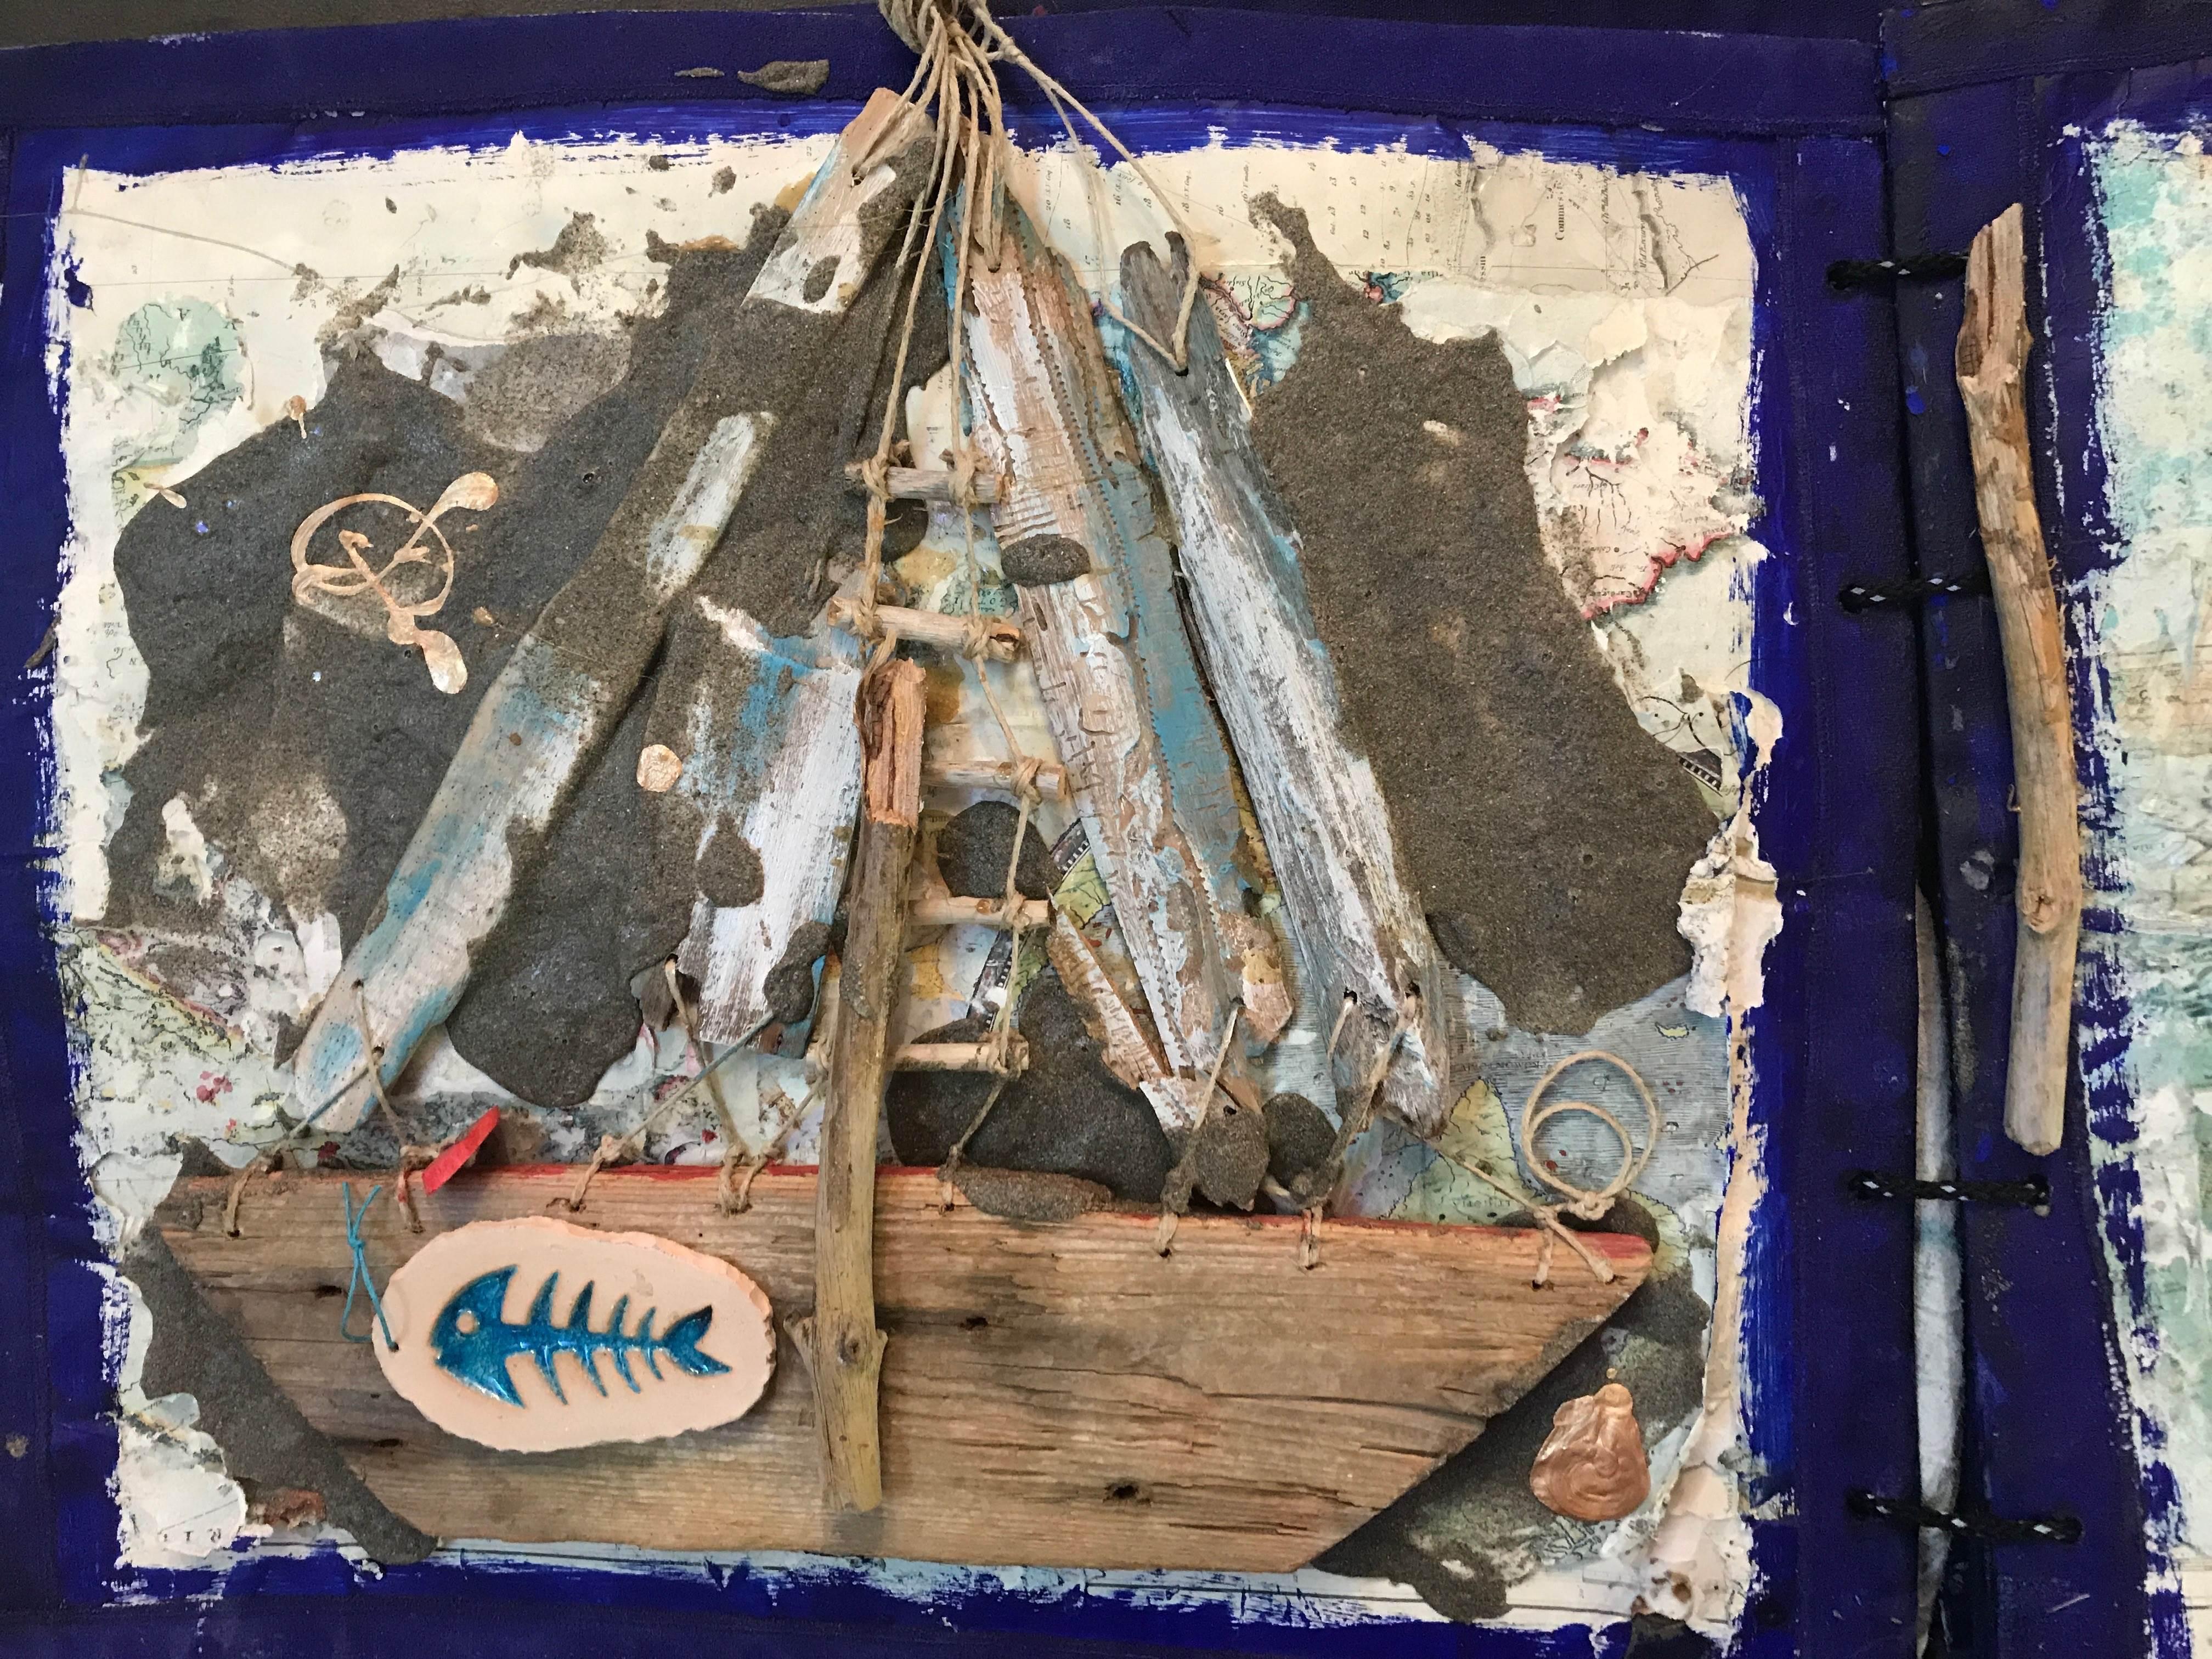 chayan khoi carnet de voyage grece (13).